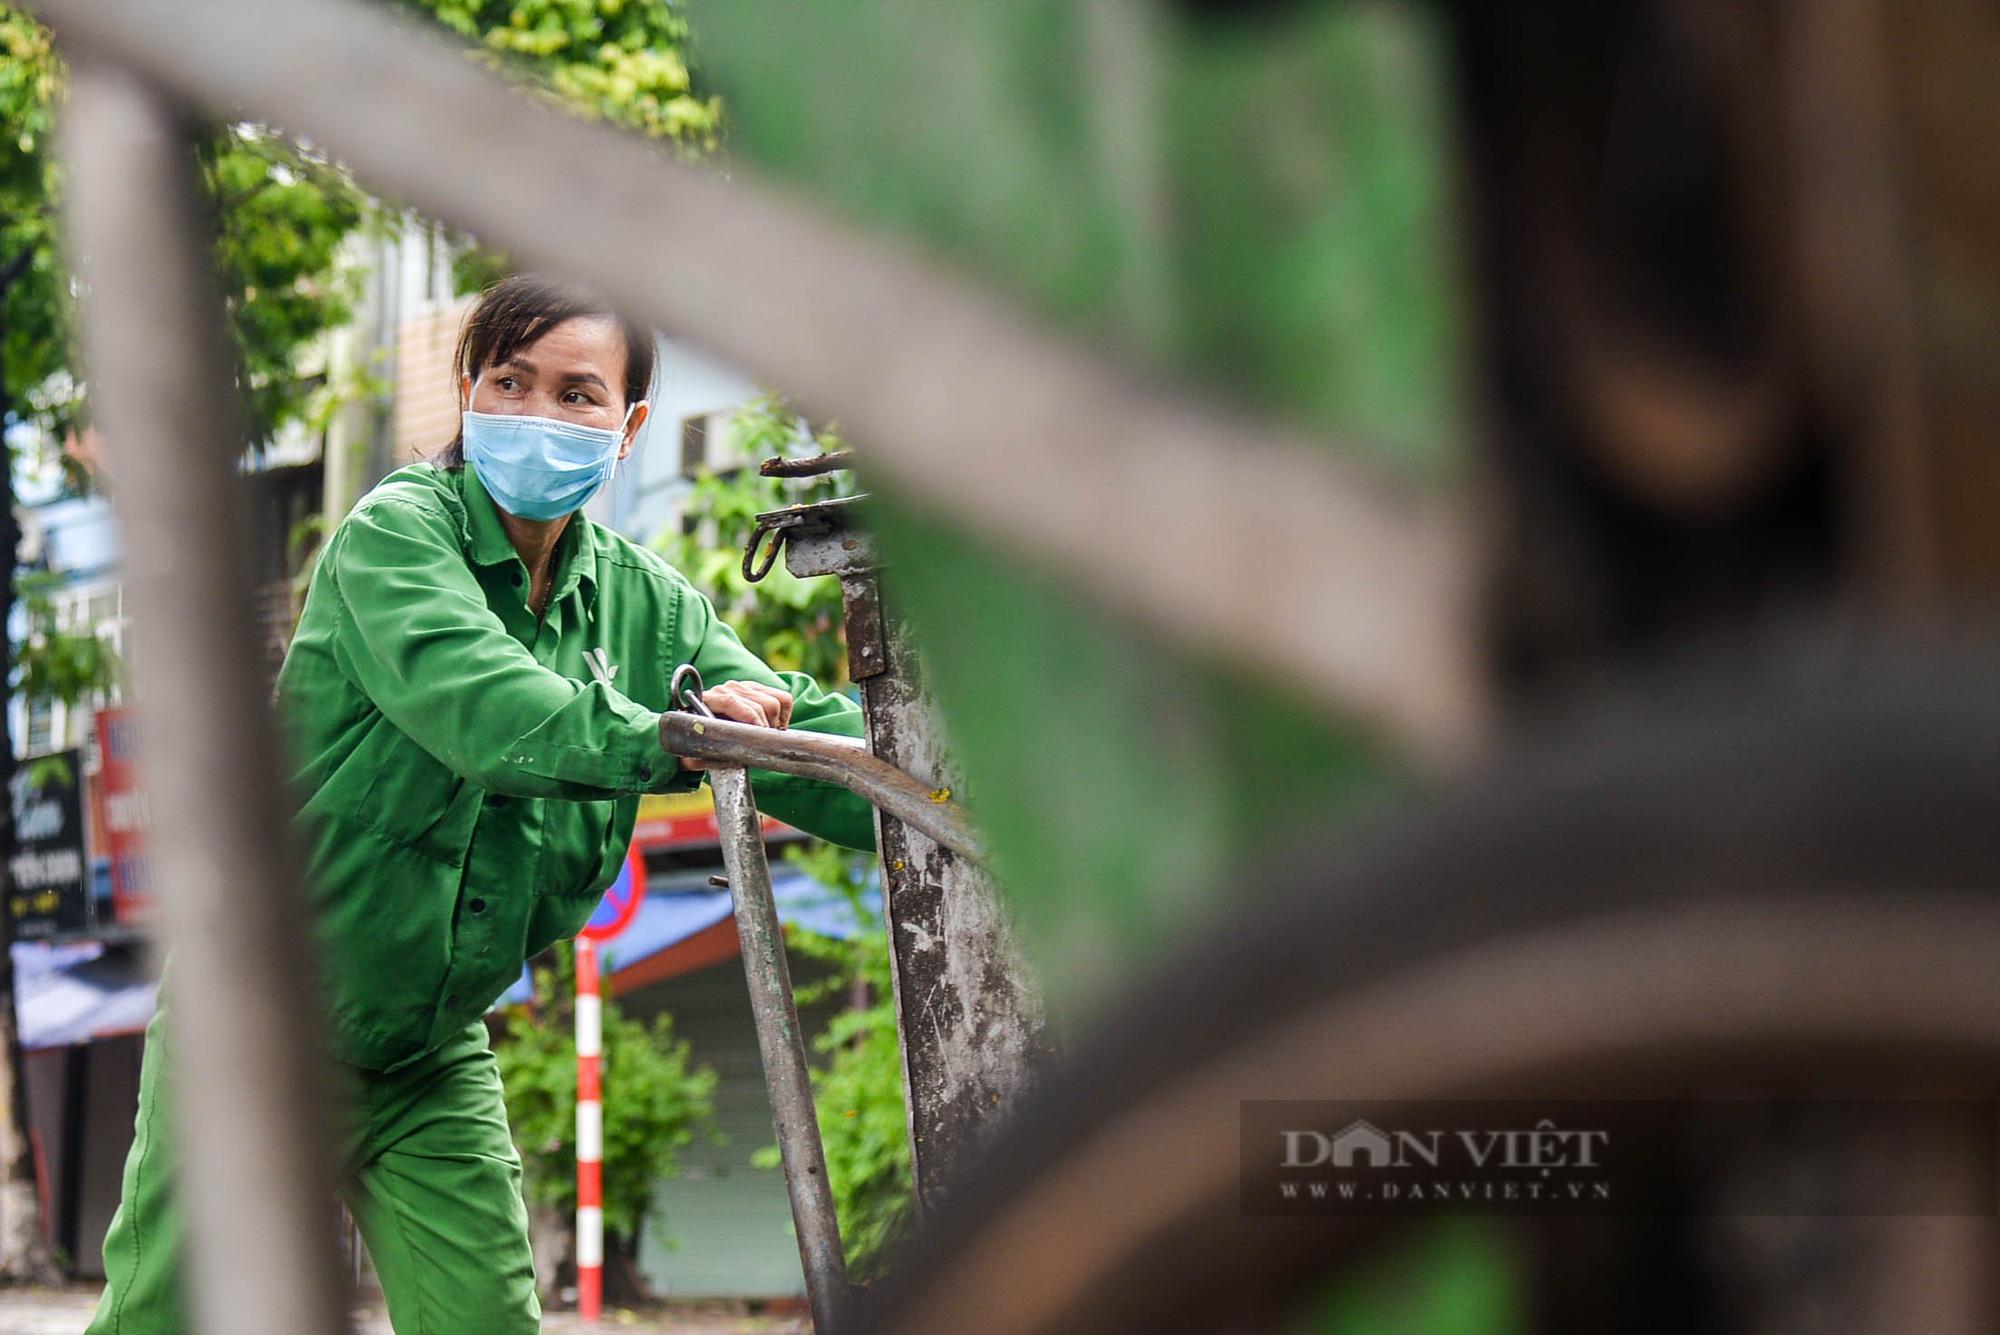 Công nhân vệ sinh môi trường: 'Thất thu' nhẹ mùa dịch, việc nhiều hơn - Ảnh 12.